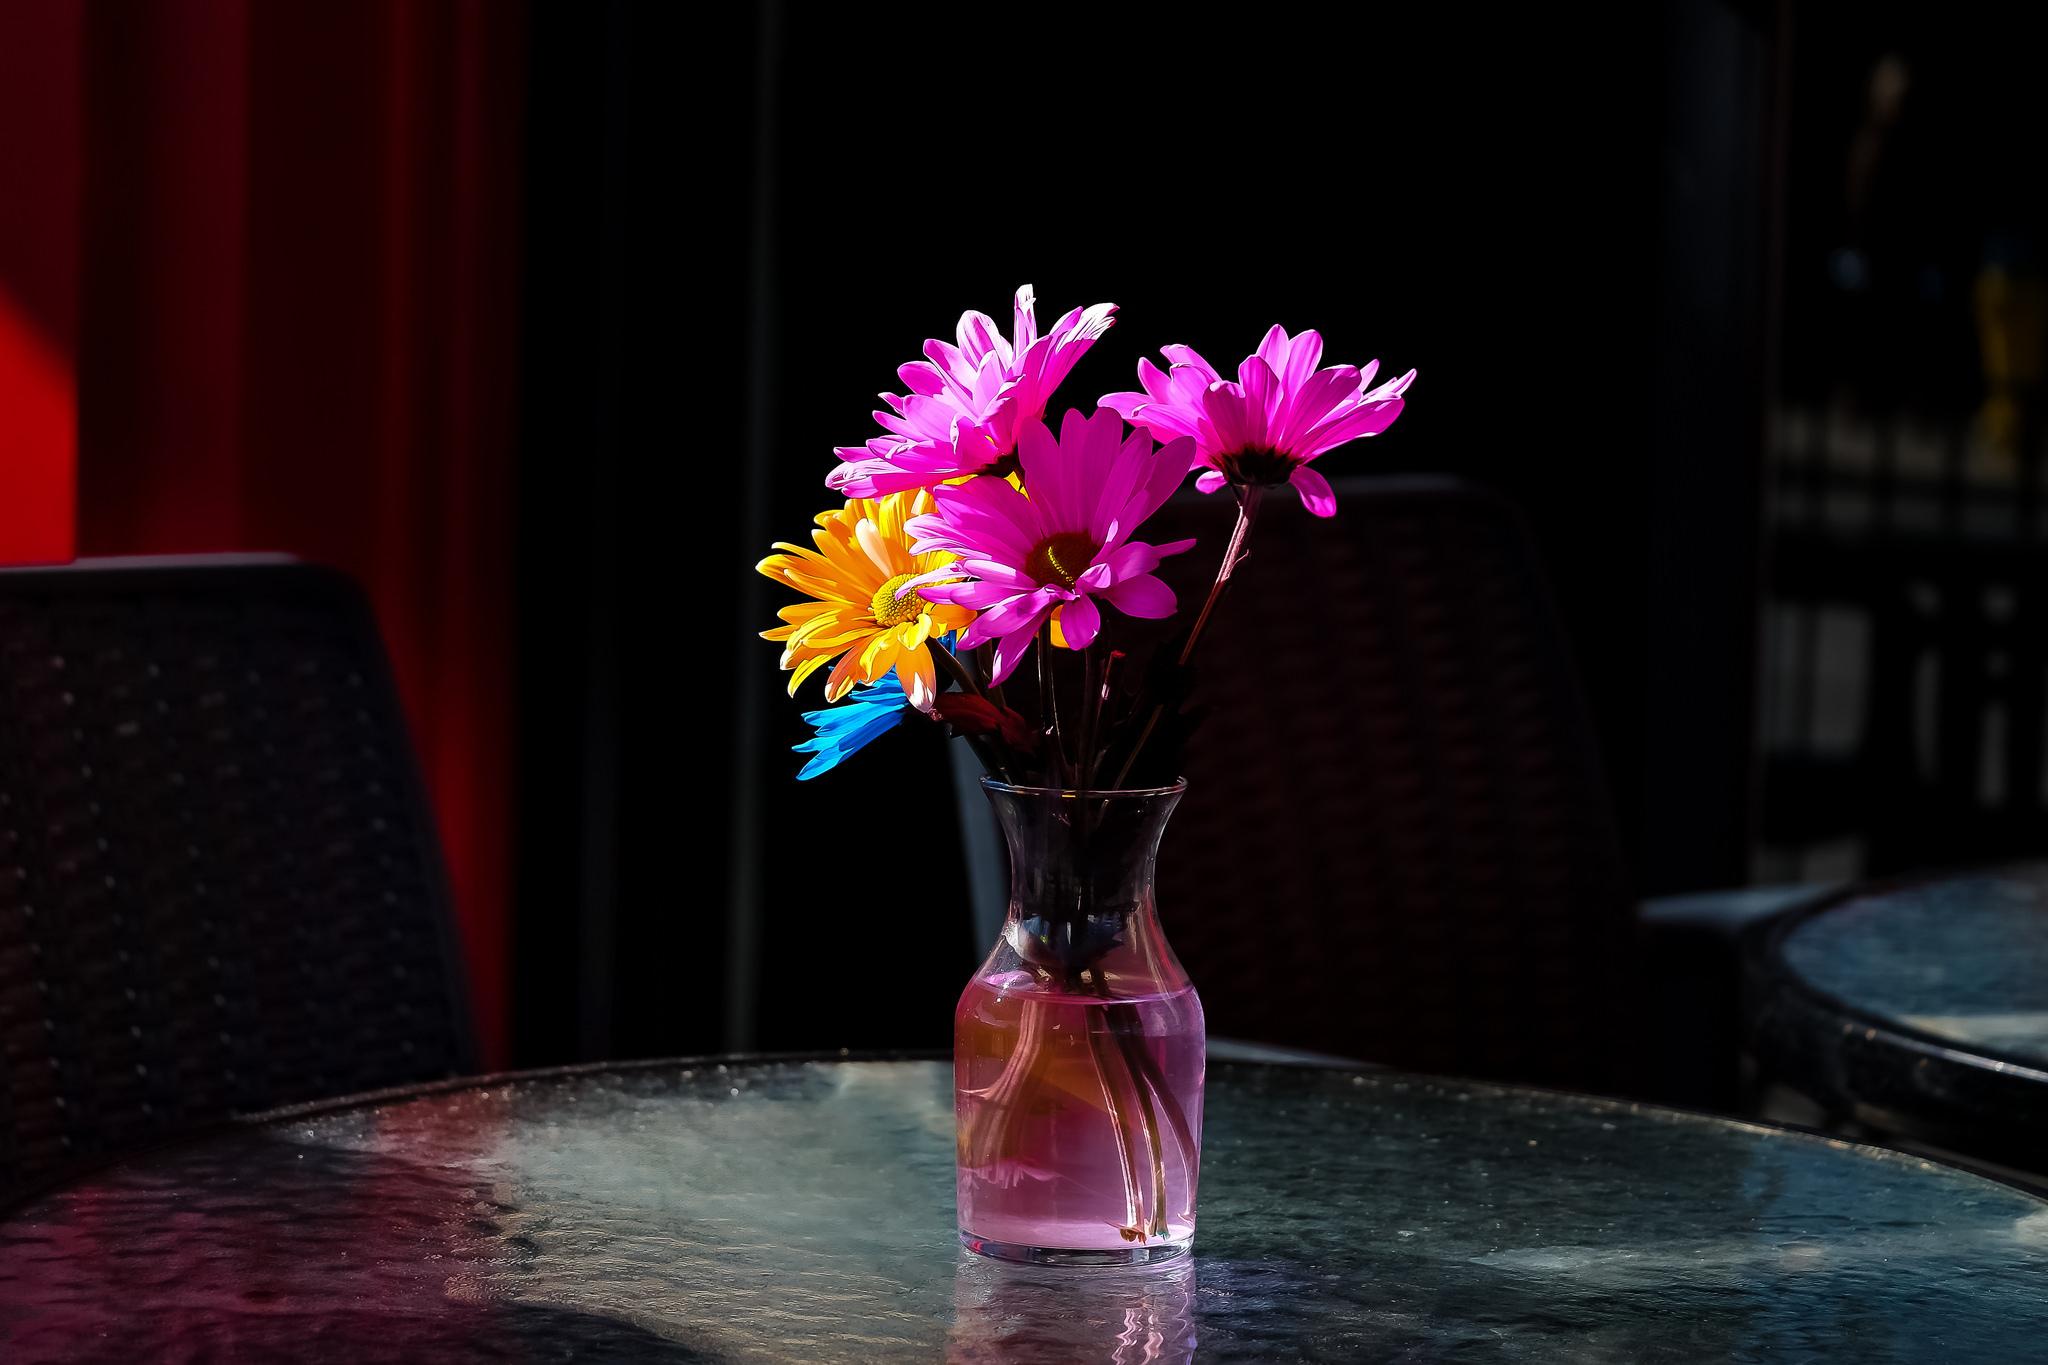 Ваза с цветами на столе картинки